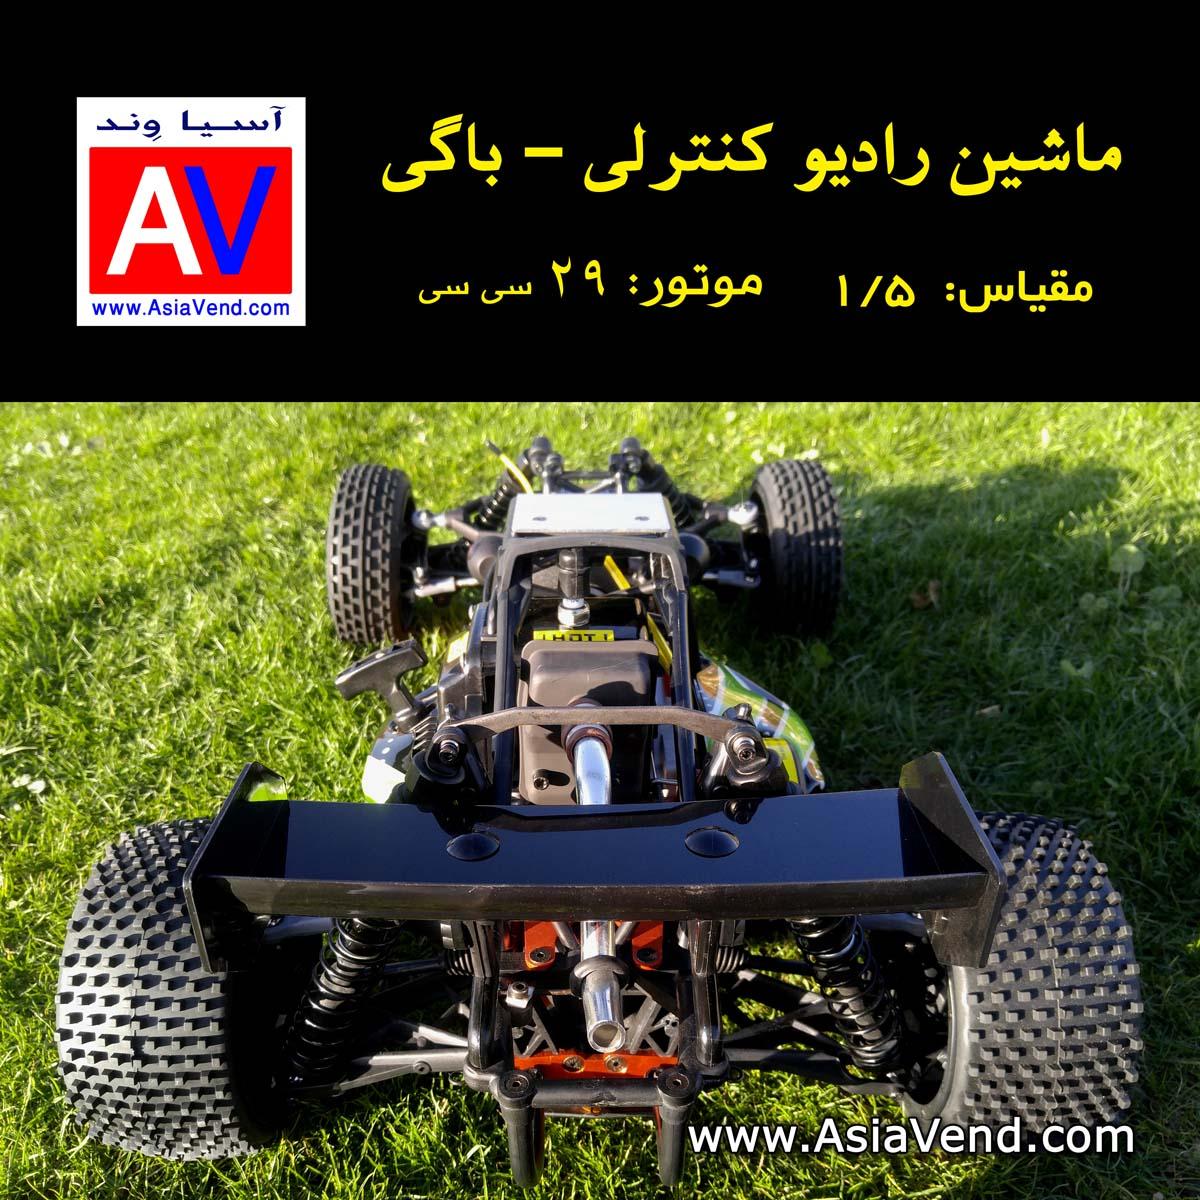 خرید ماشین افرود رادیو کنترلی سوختی ماشین رادیو کنترلی بنزینی آفرود BAJA RC CAR